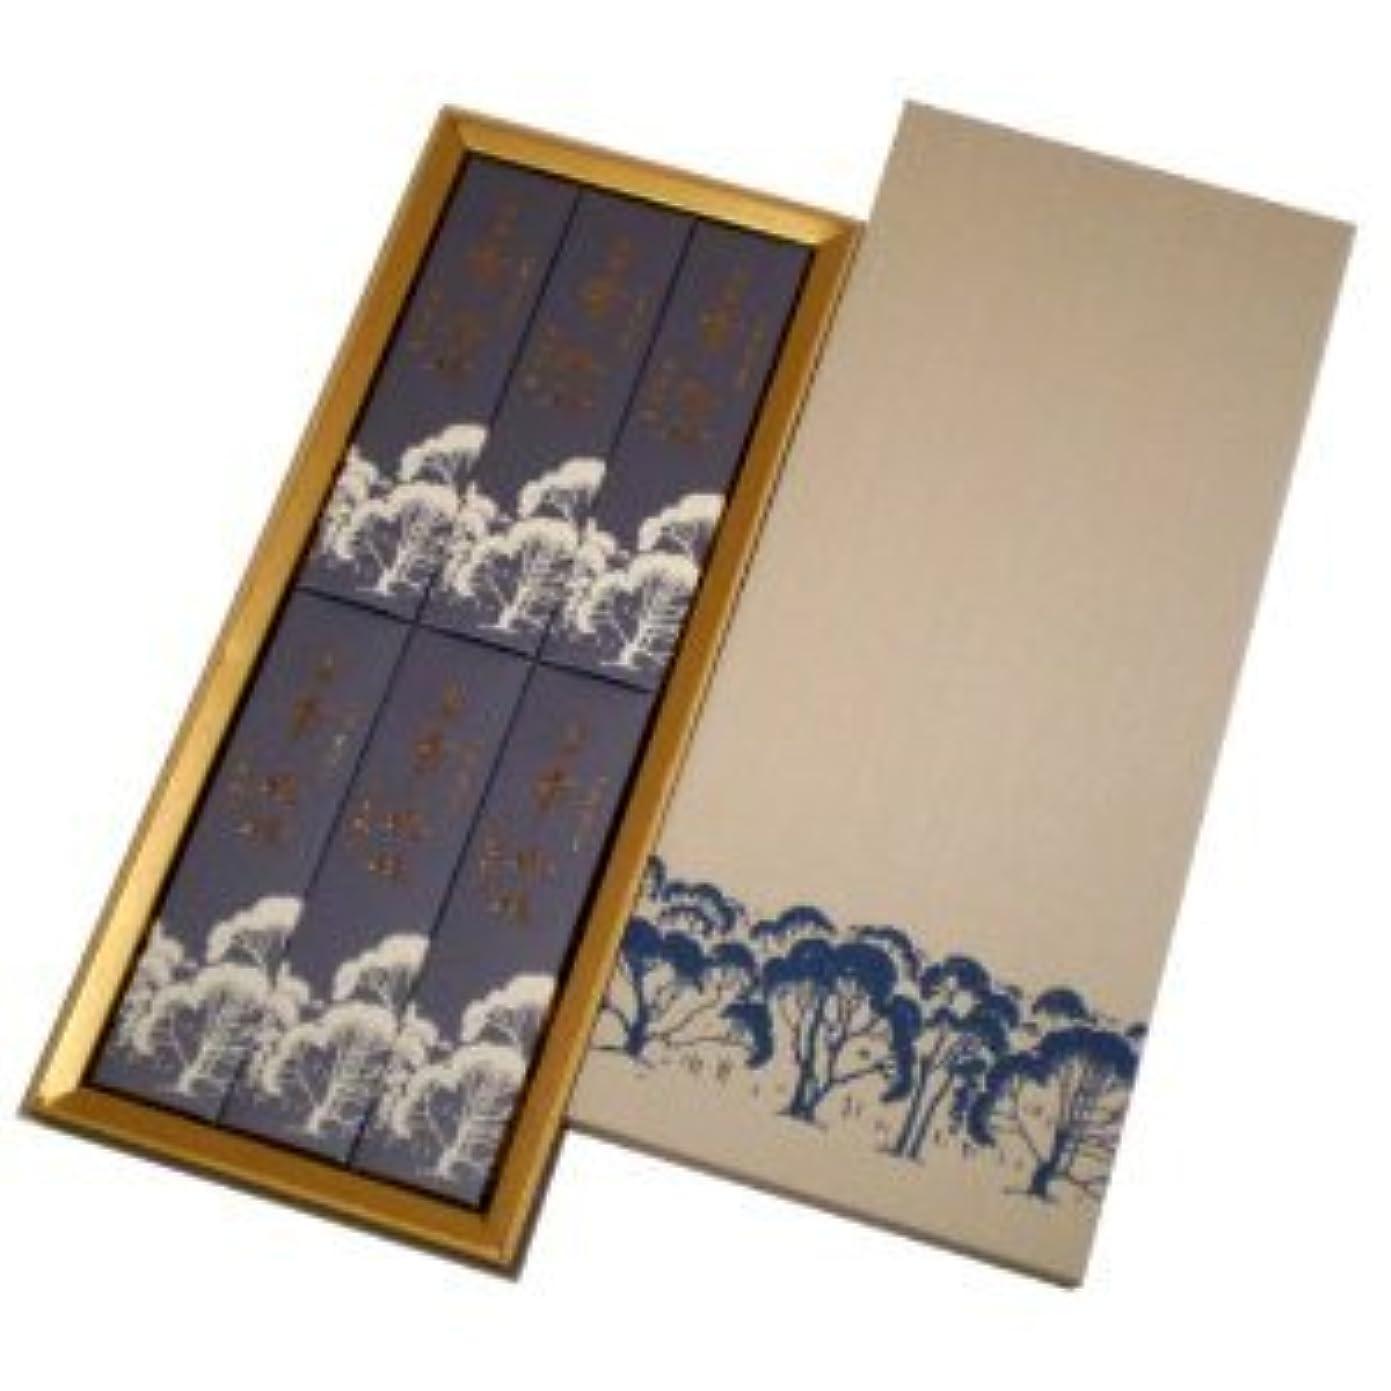 責任者素晴らしさ蒸発する玉初堂 淡麗香樹林 短寸6箱入化粧紙箱